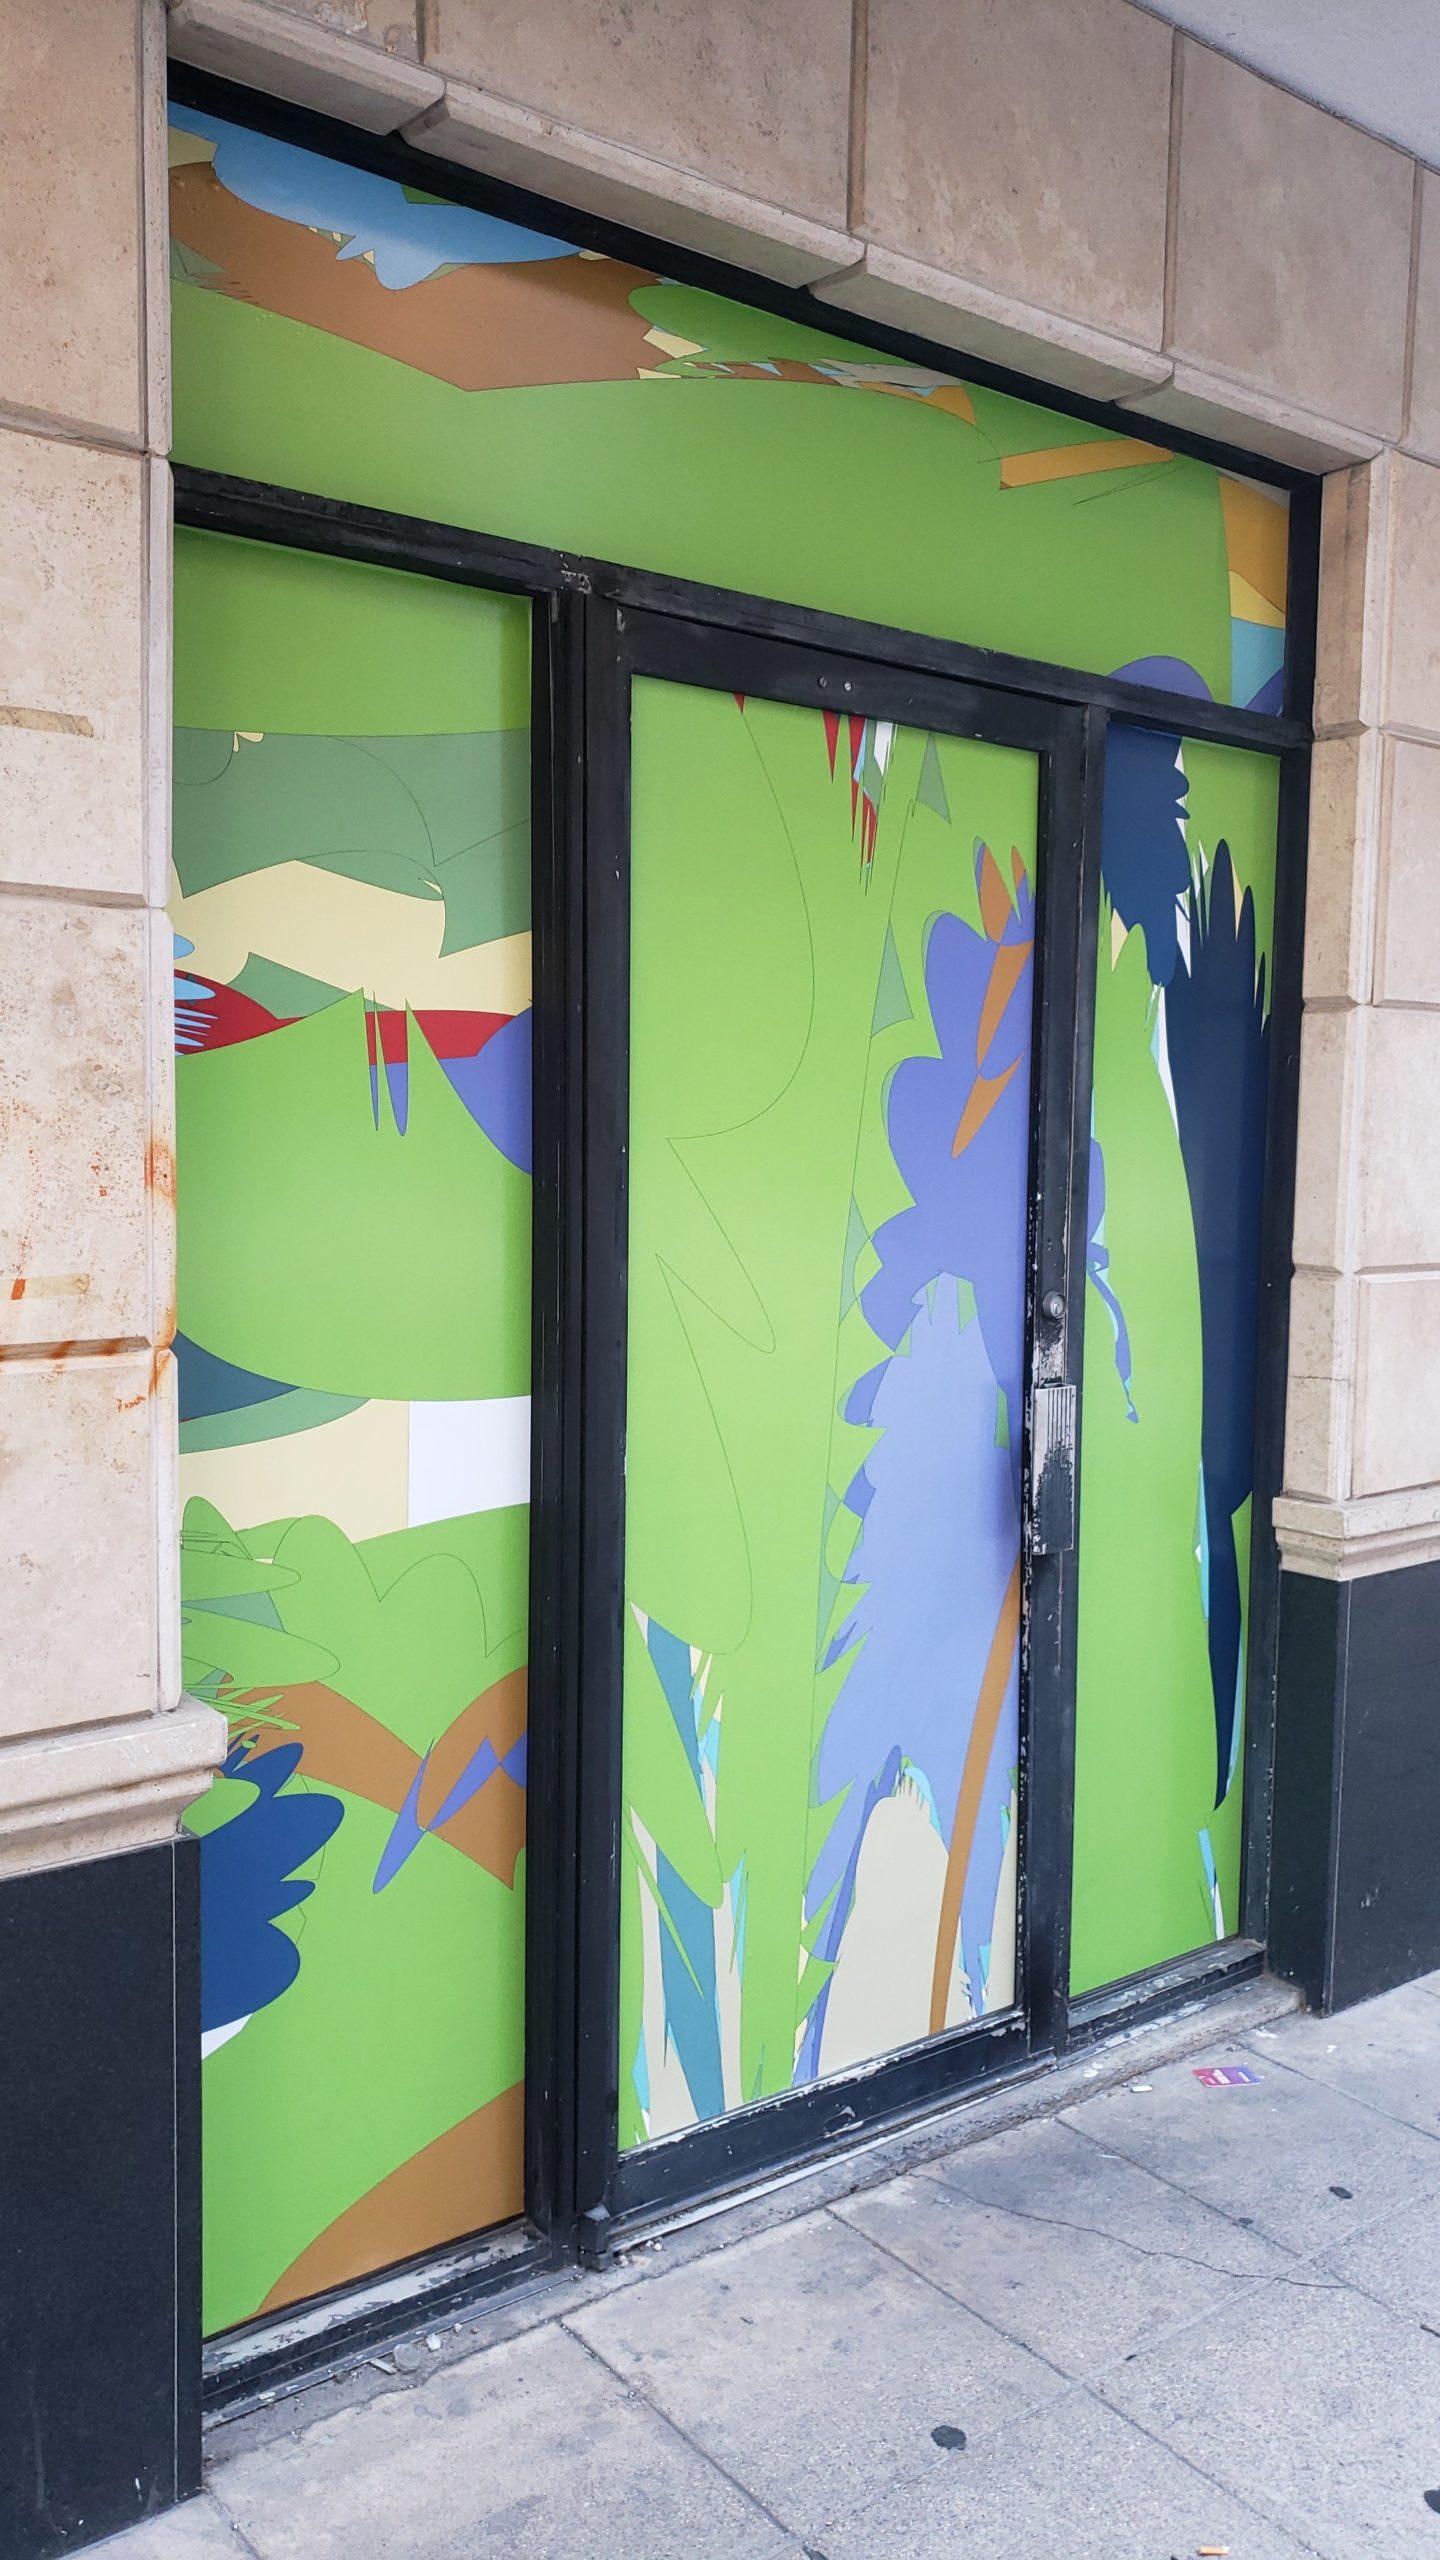 Public Abstract Door Art